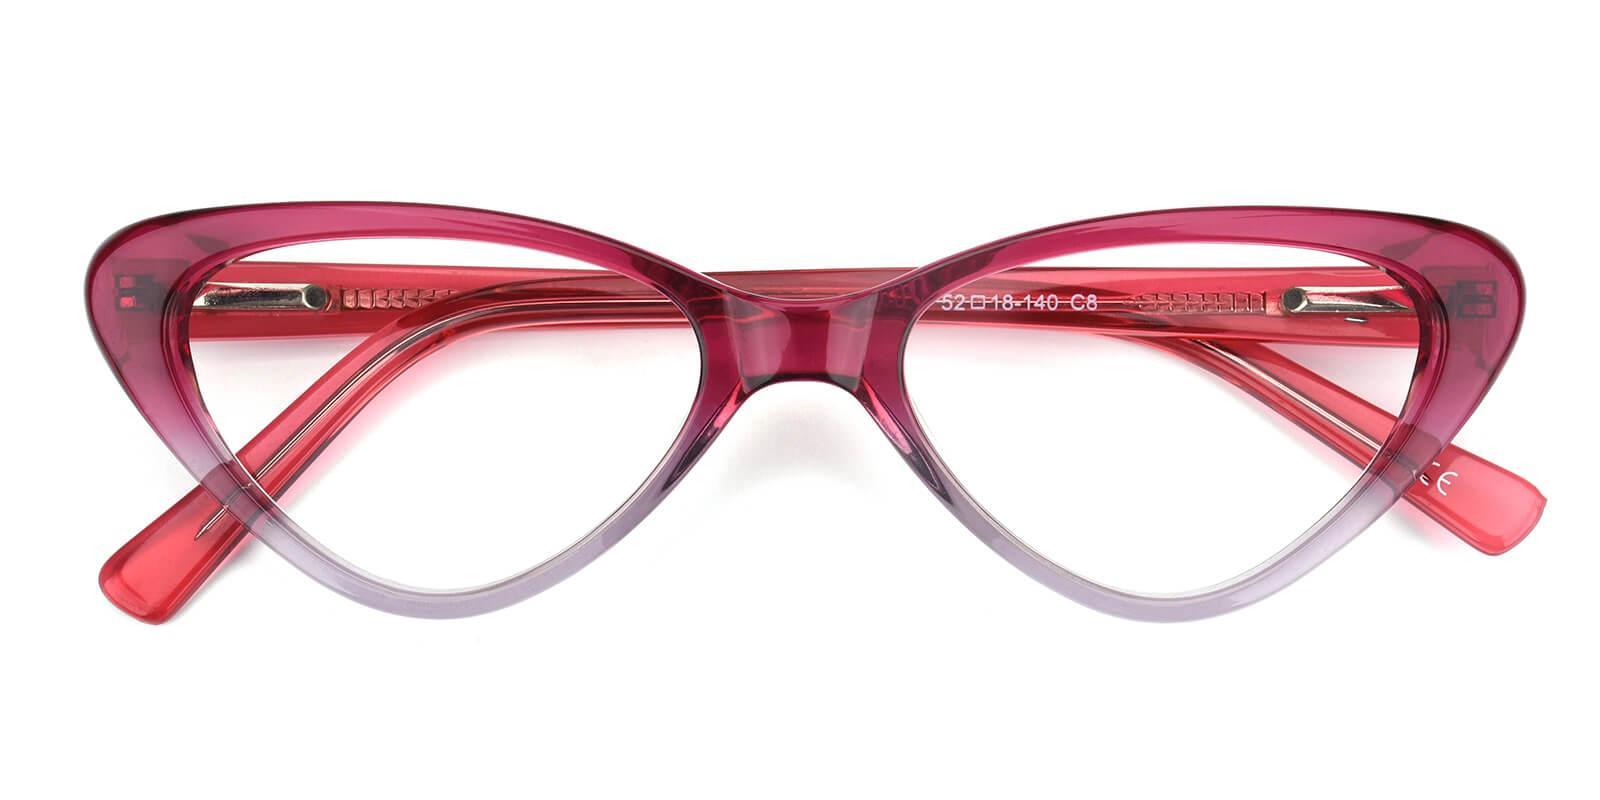 Catalin-Purple-Cat-Acetate-Eyeglasses-detail